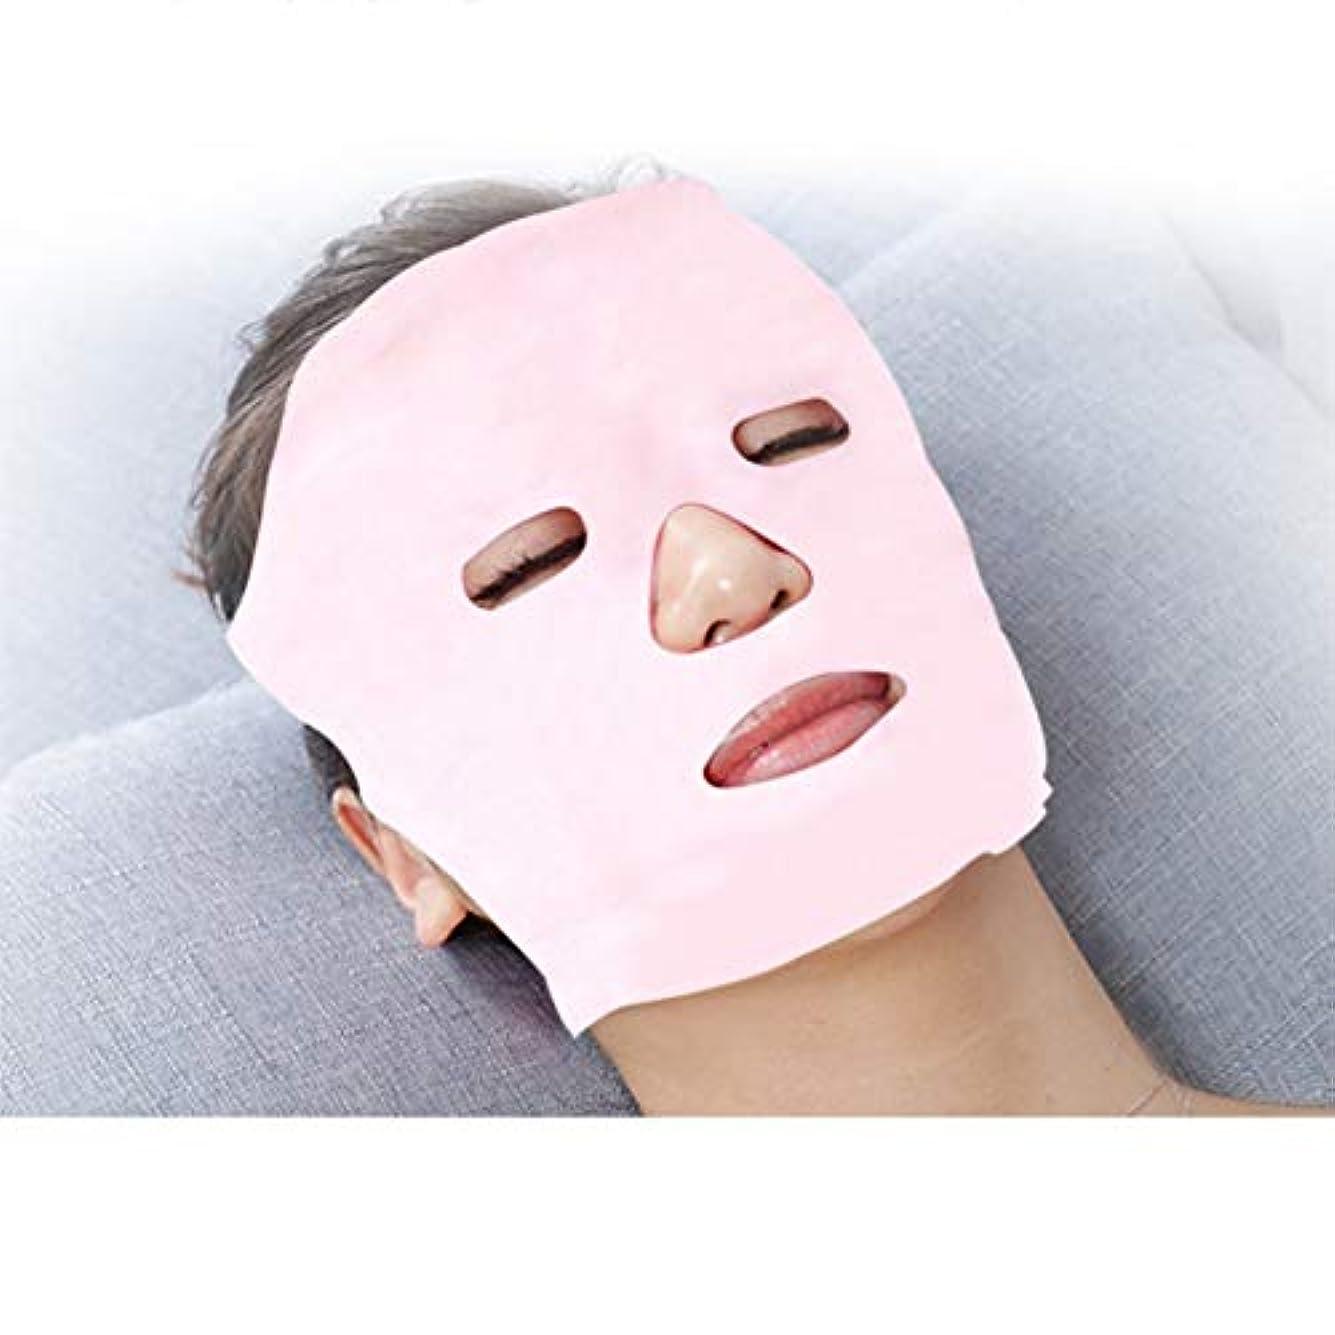 医薬品船上ハチトルマリンジェル マグネットマスク マッサージマスク 颜美容 フェイスマスク 薄い顔 肤色を明るく ヘルスケアマスク 磁気 ェイスポーチ Cutelove